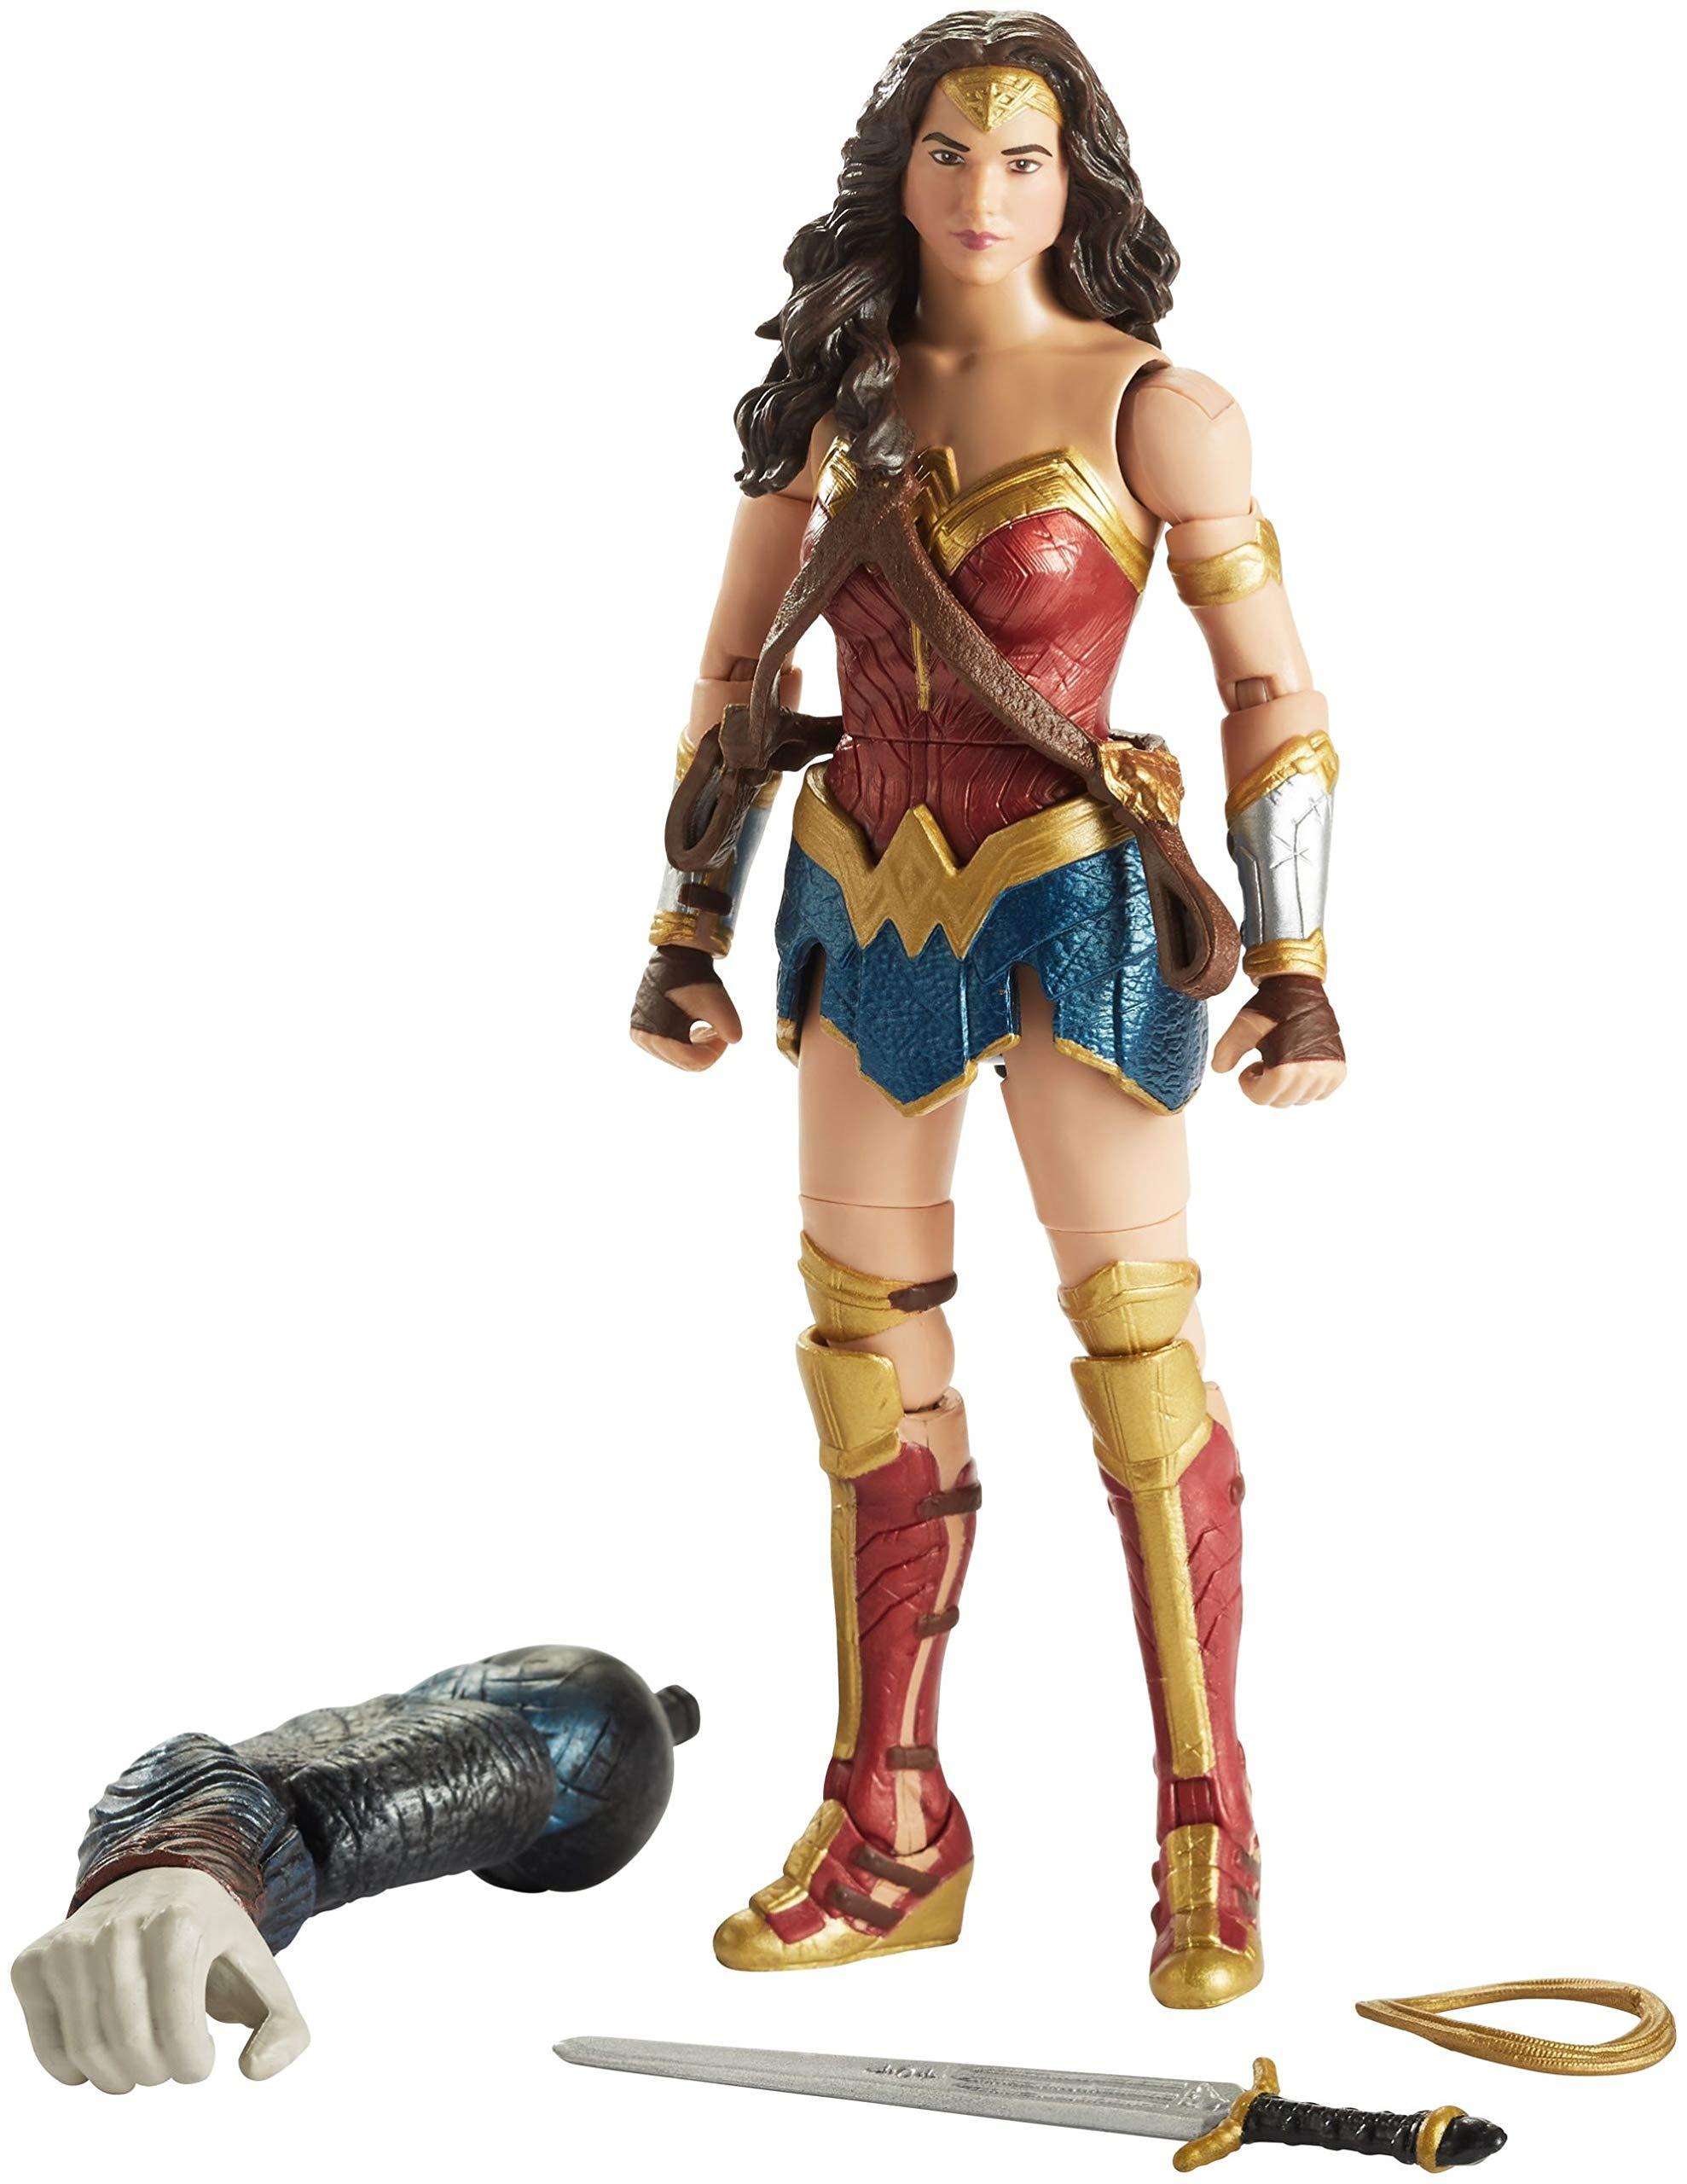 DC COMICS Multiverse Justice League WONDER WOMAN